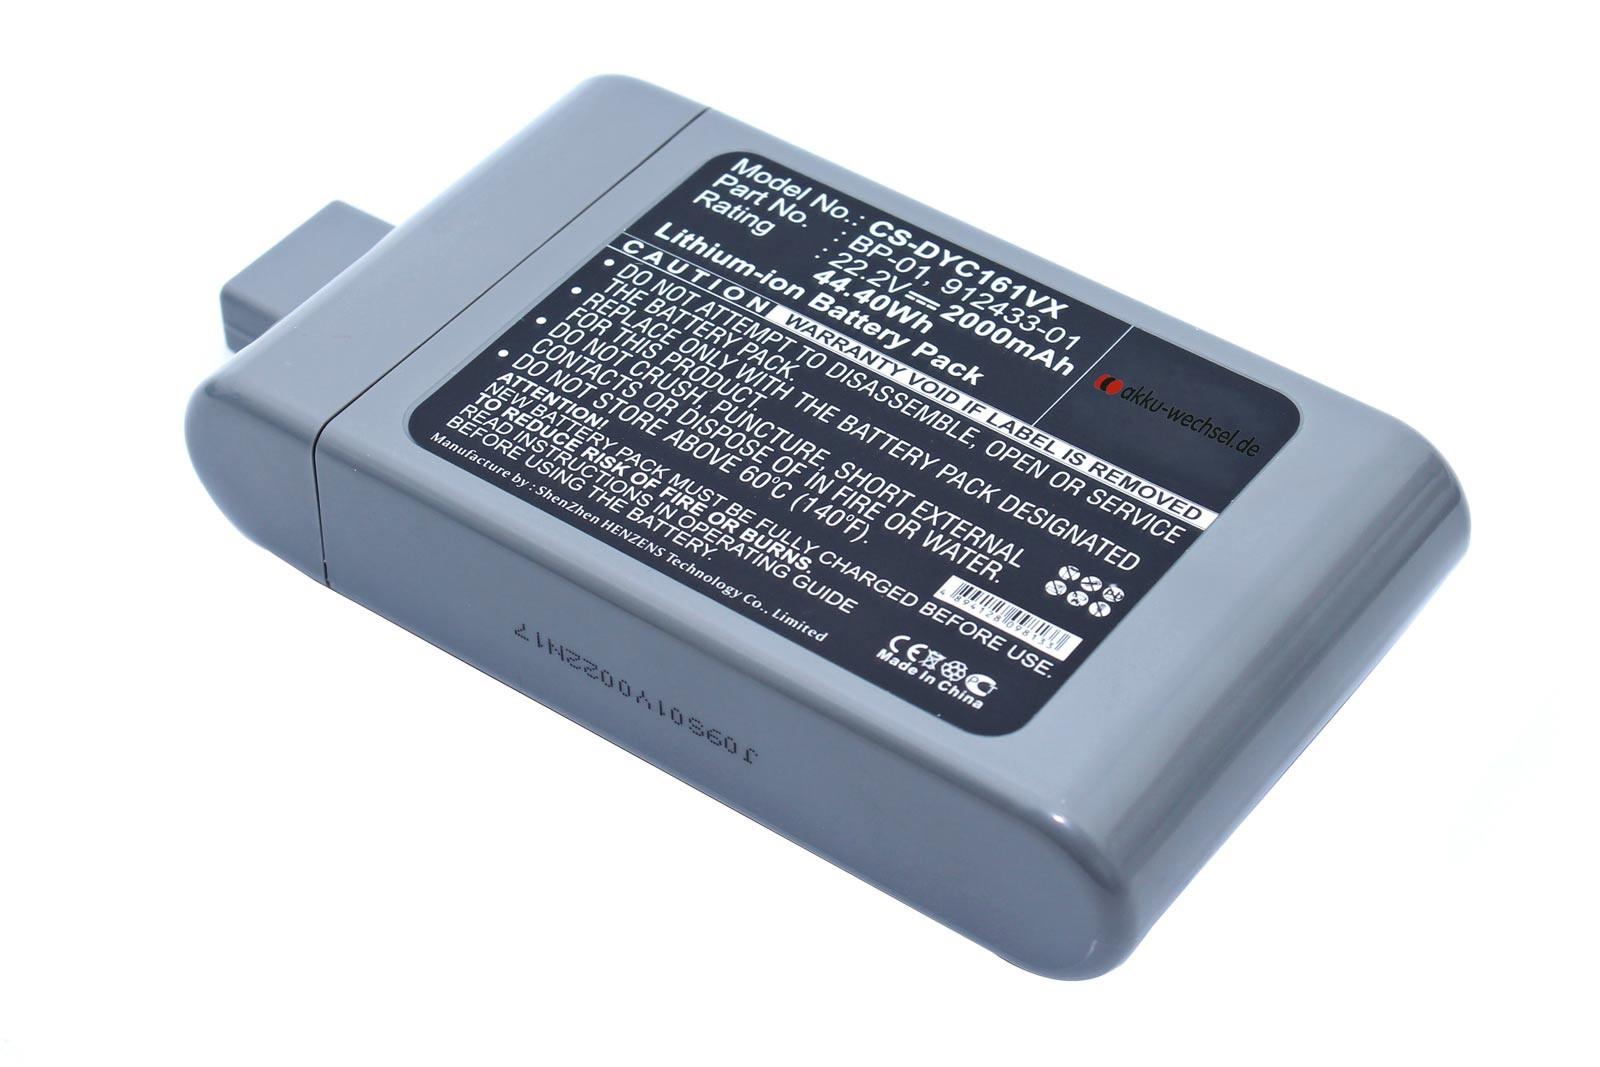 Akku passend für Dyson DC16 / D12 / 912433-03 mit 2000mAh Kapazität